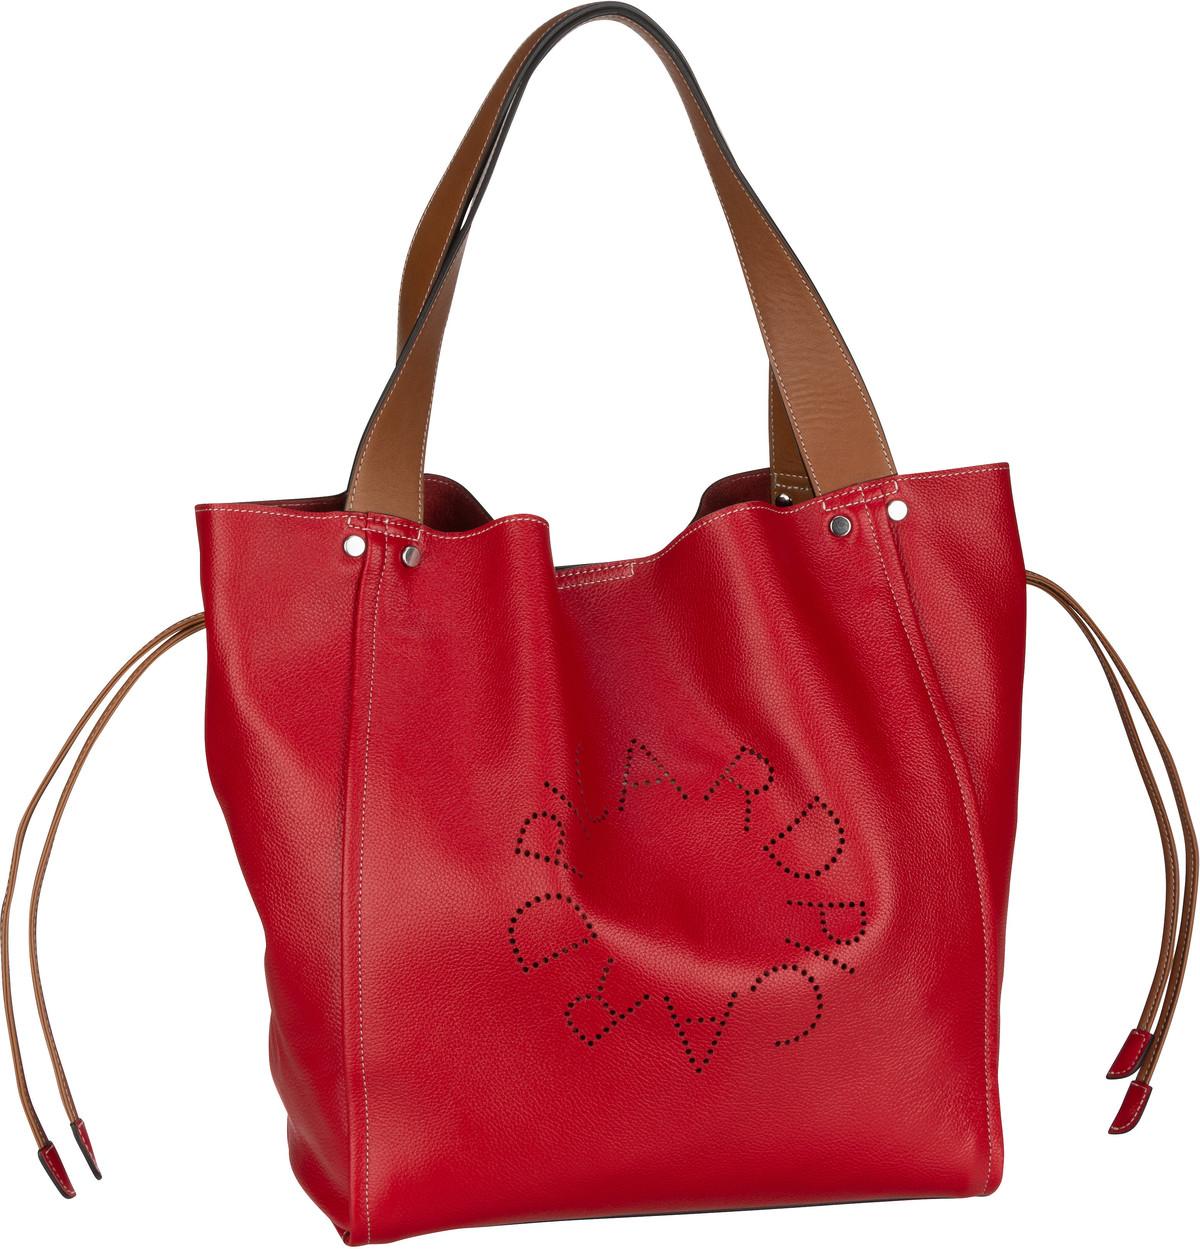 Handtasche St. Tropez 9725 Lipstick